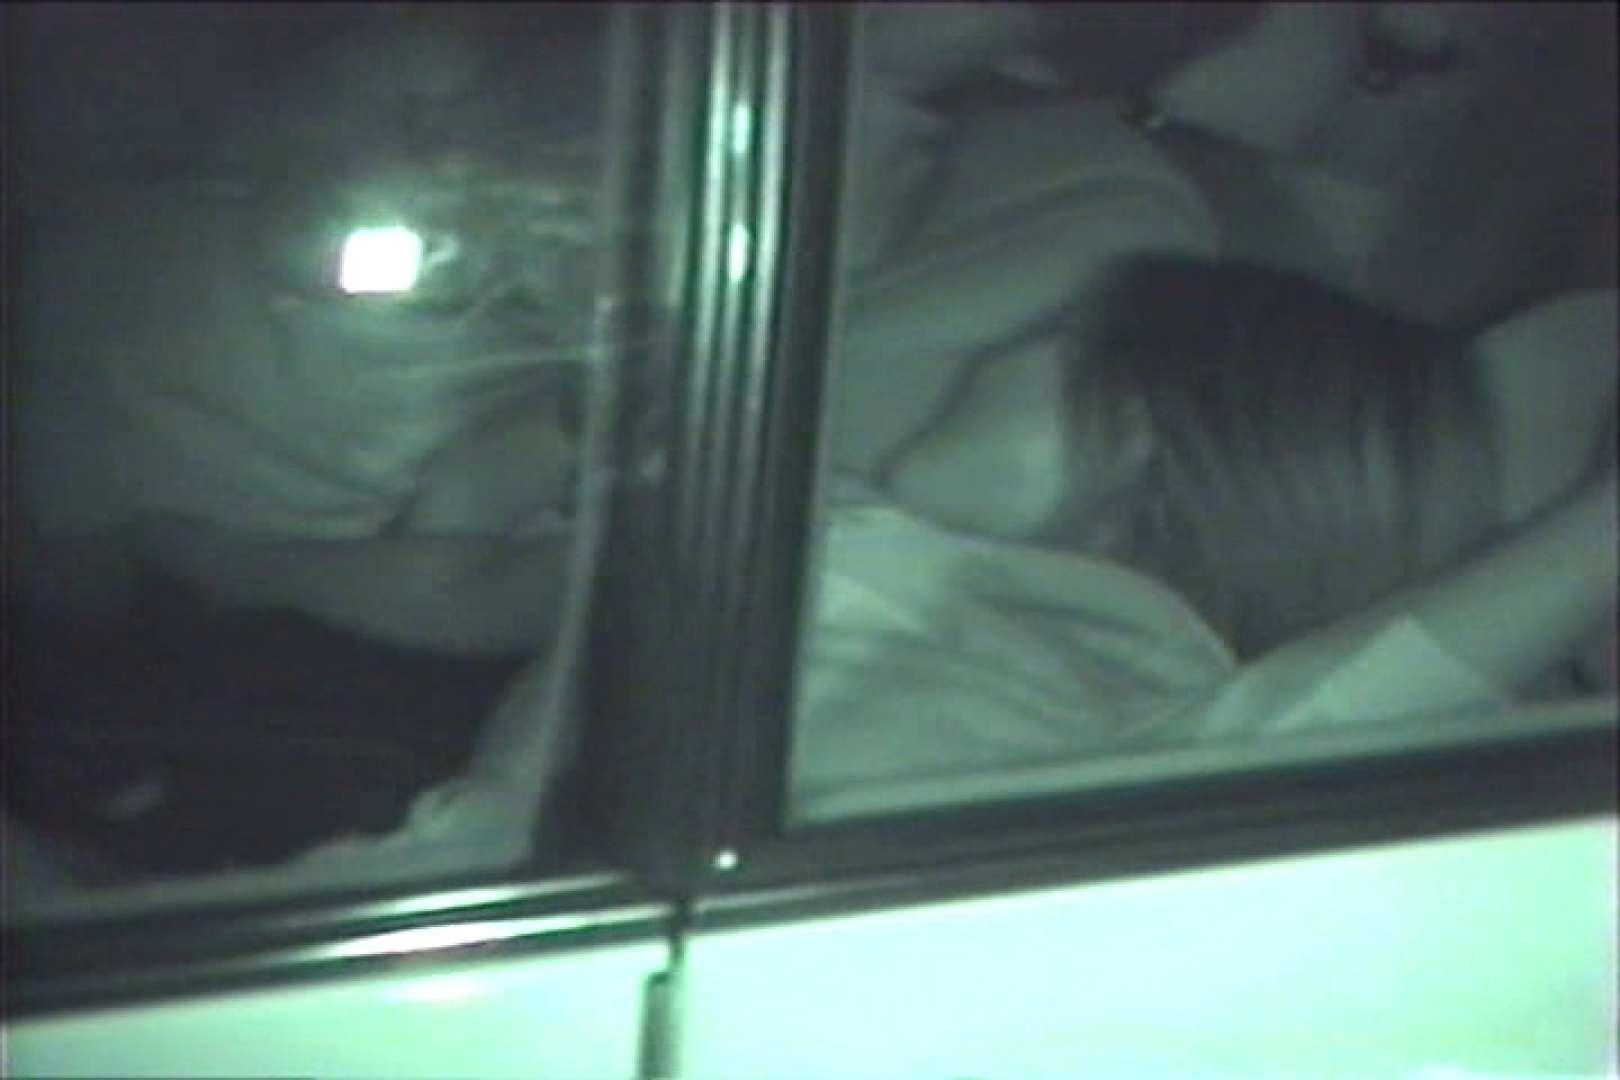 車の中はラブホテル 無修正版  Vol.18 感じるセックス オマンコ無修正動画無料 80連発 9